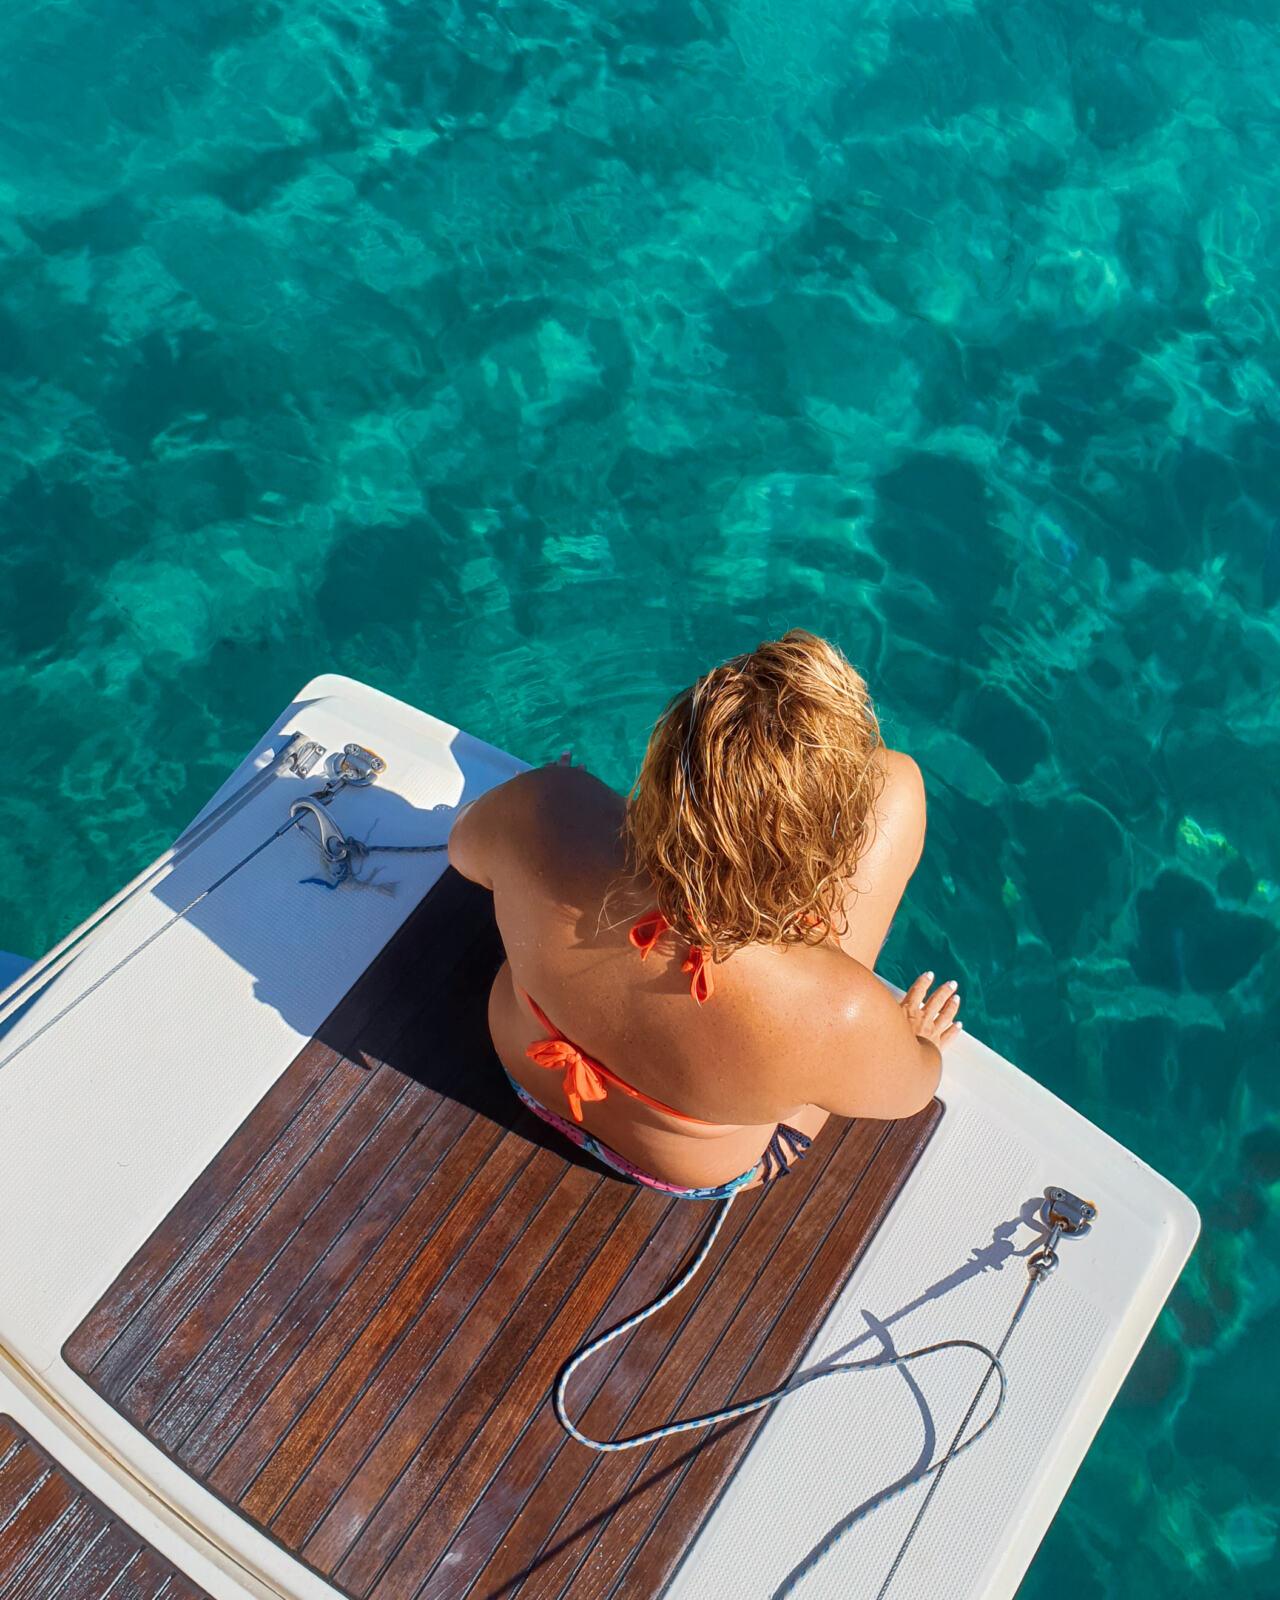 Io seduta a poppa di una barca a vela